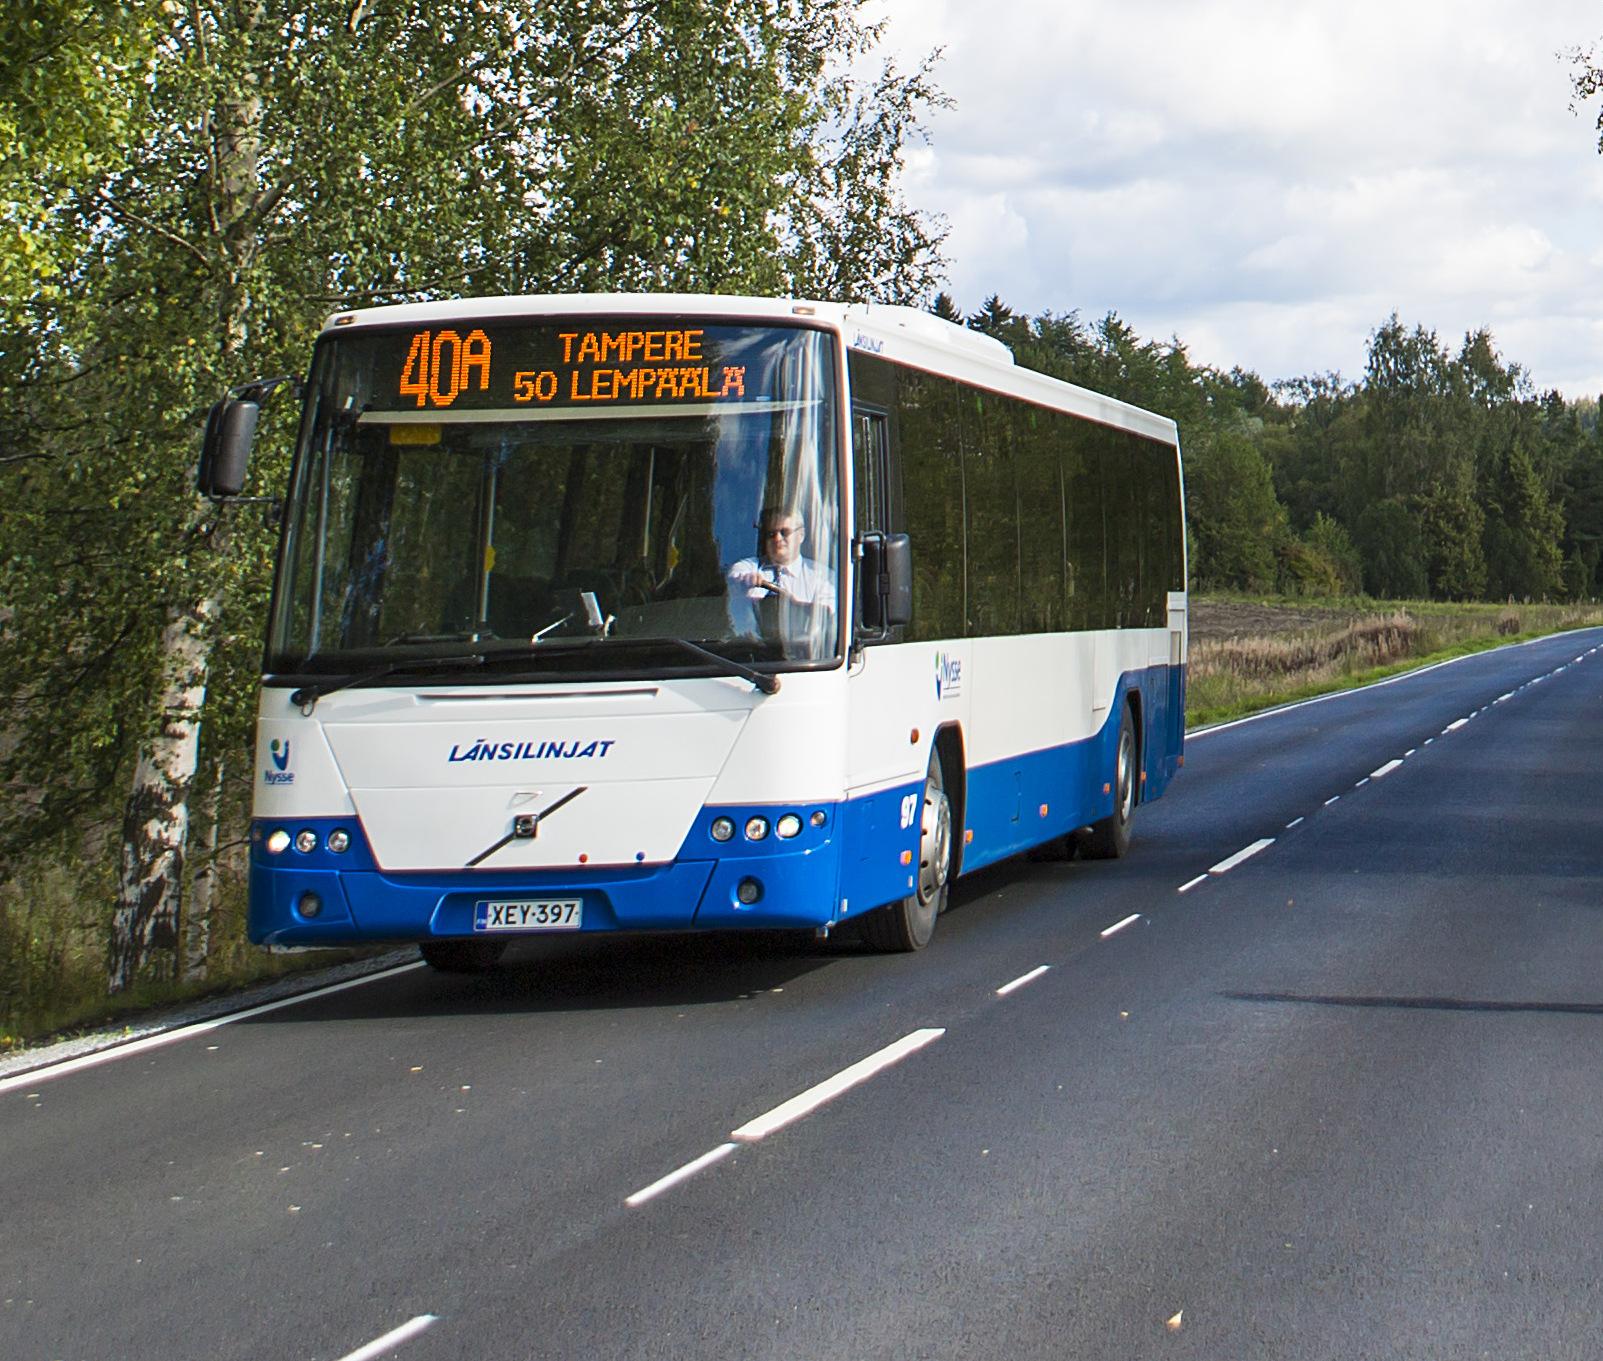 Tampereen joukkoliikenteen hinnat kallistuvat torstaina – Katso tästä jutusta, mikä muuttuu ja miten